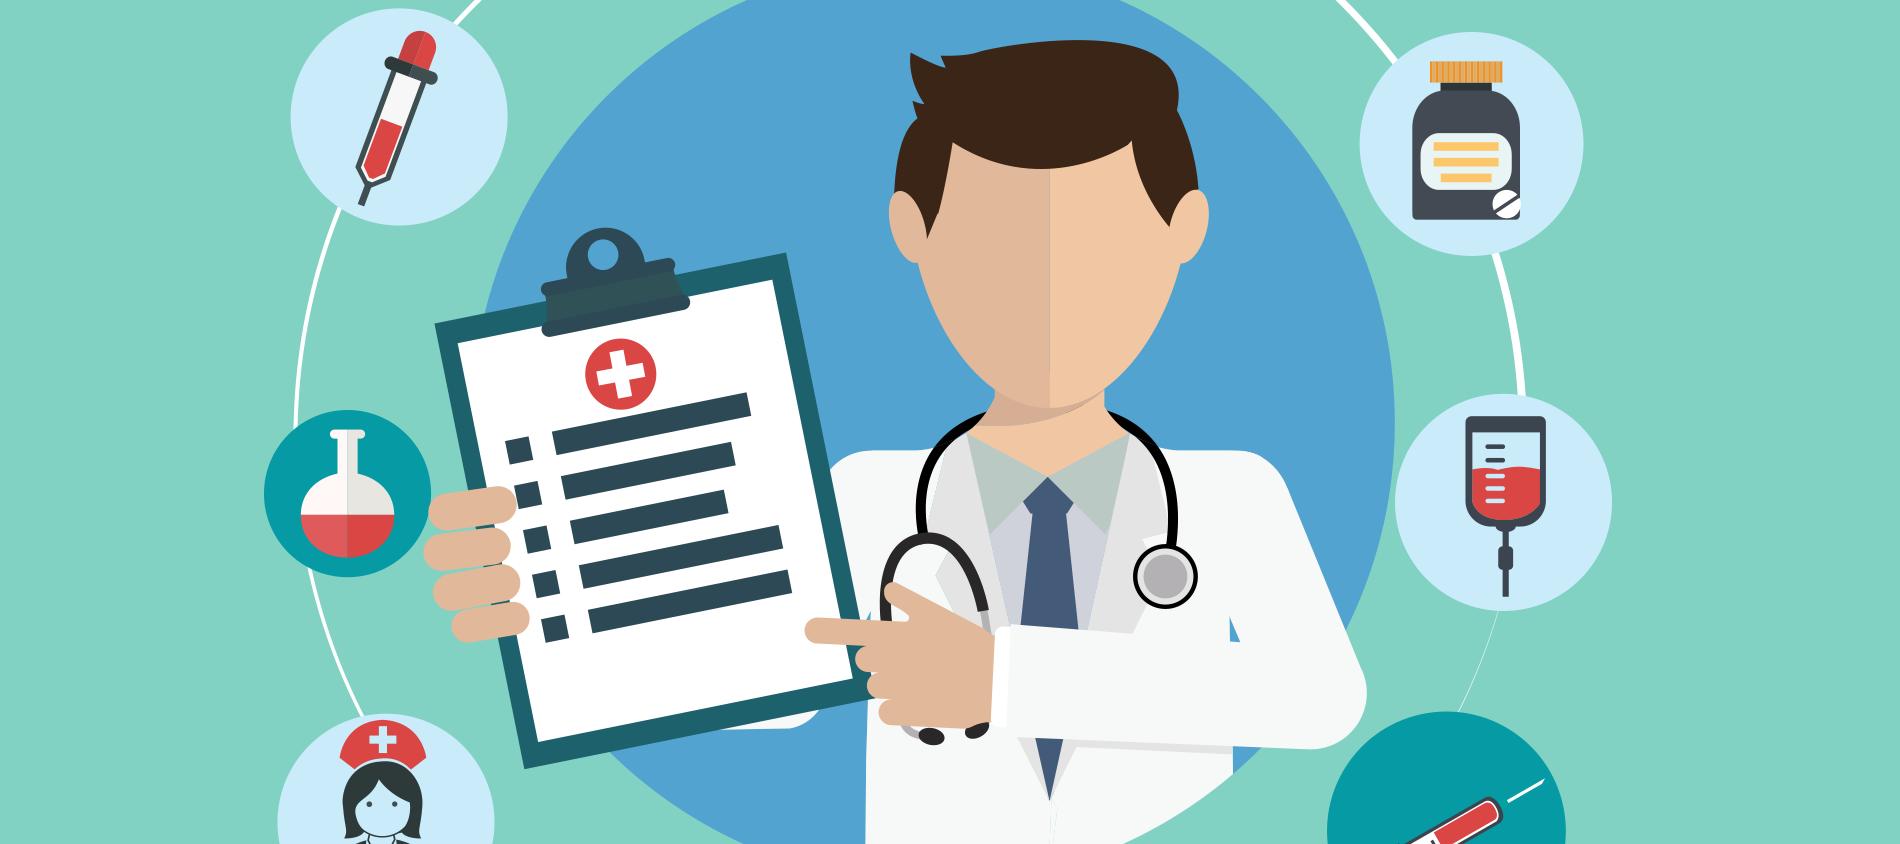 ¿Cómo puedo generar más confianza y seguridad en los pacientes?